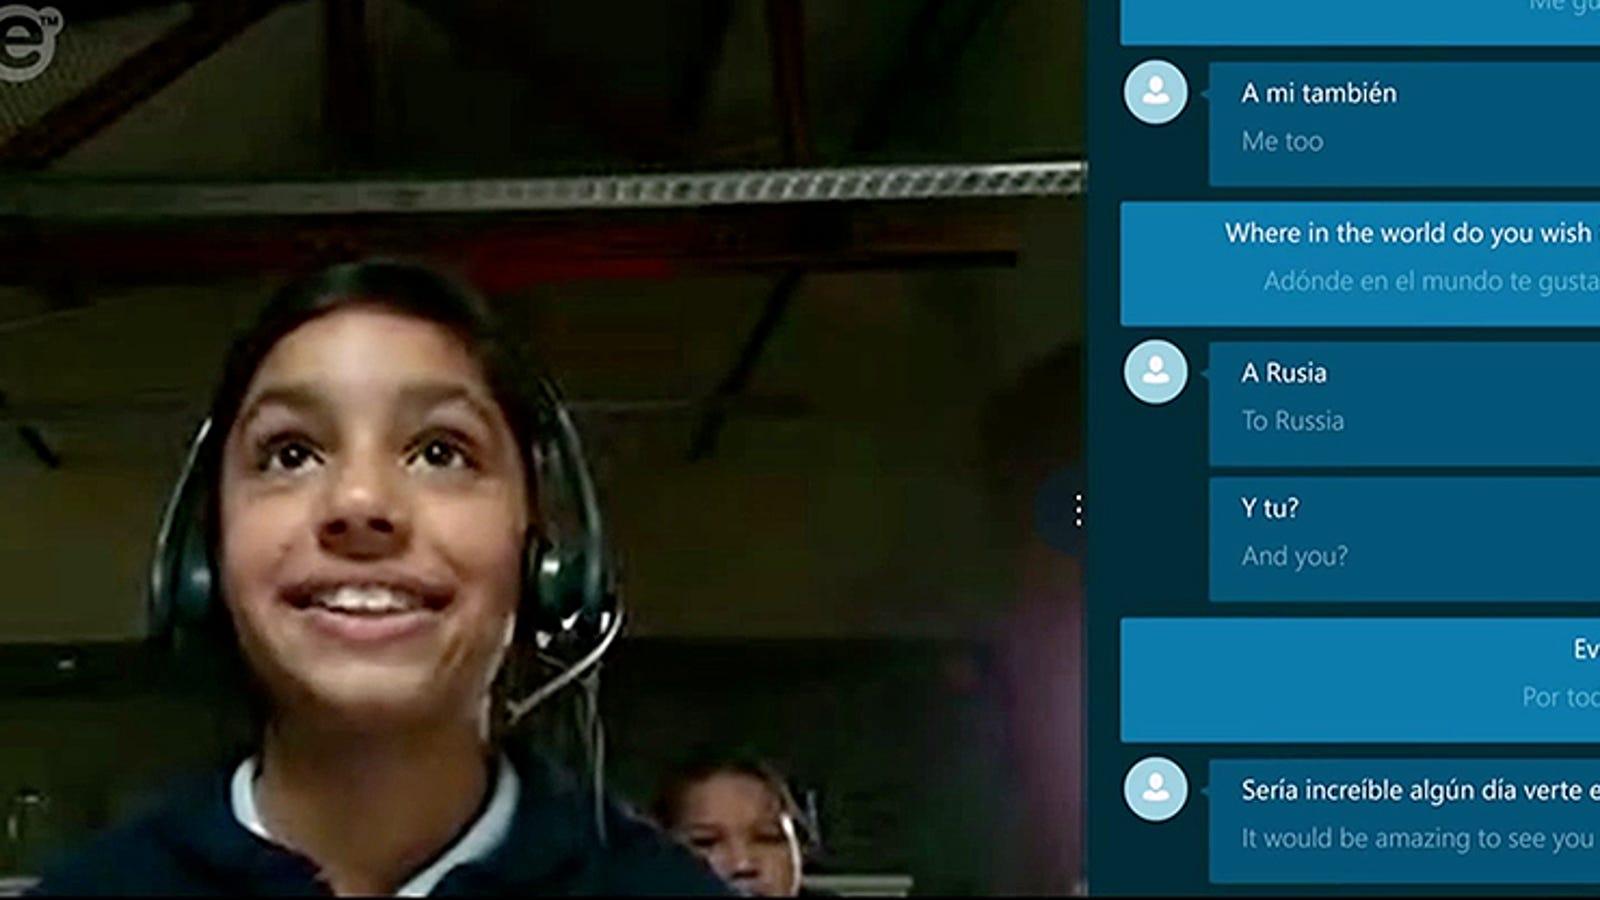 El traductor en tiempo real de Skype, ya disponible en inglés y español